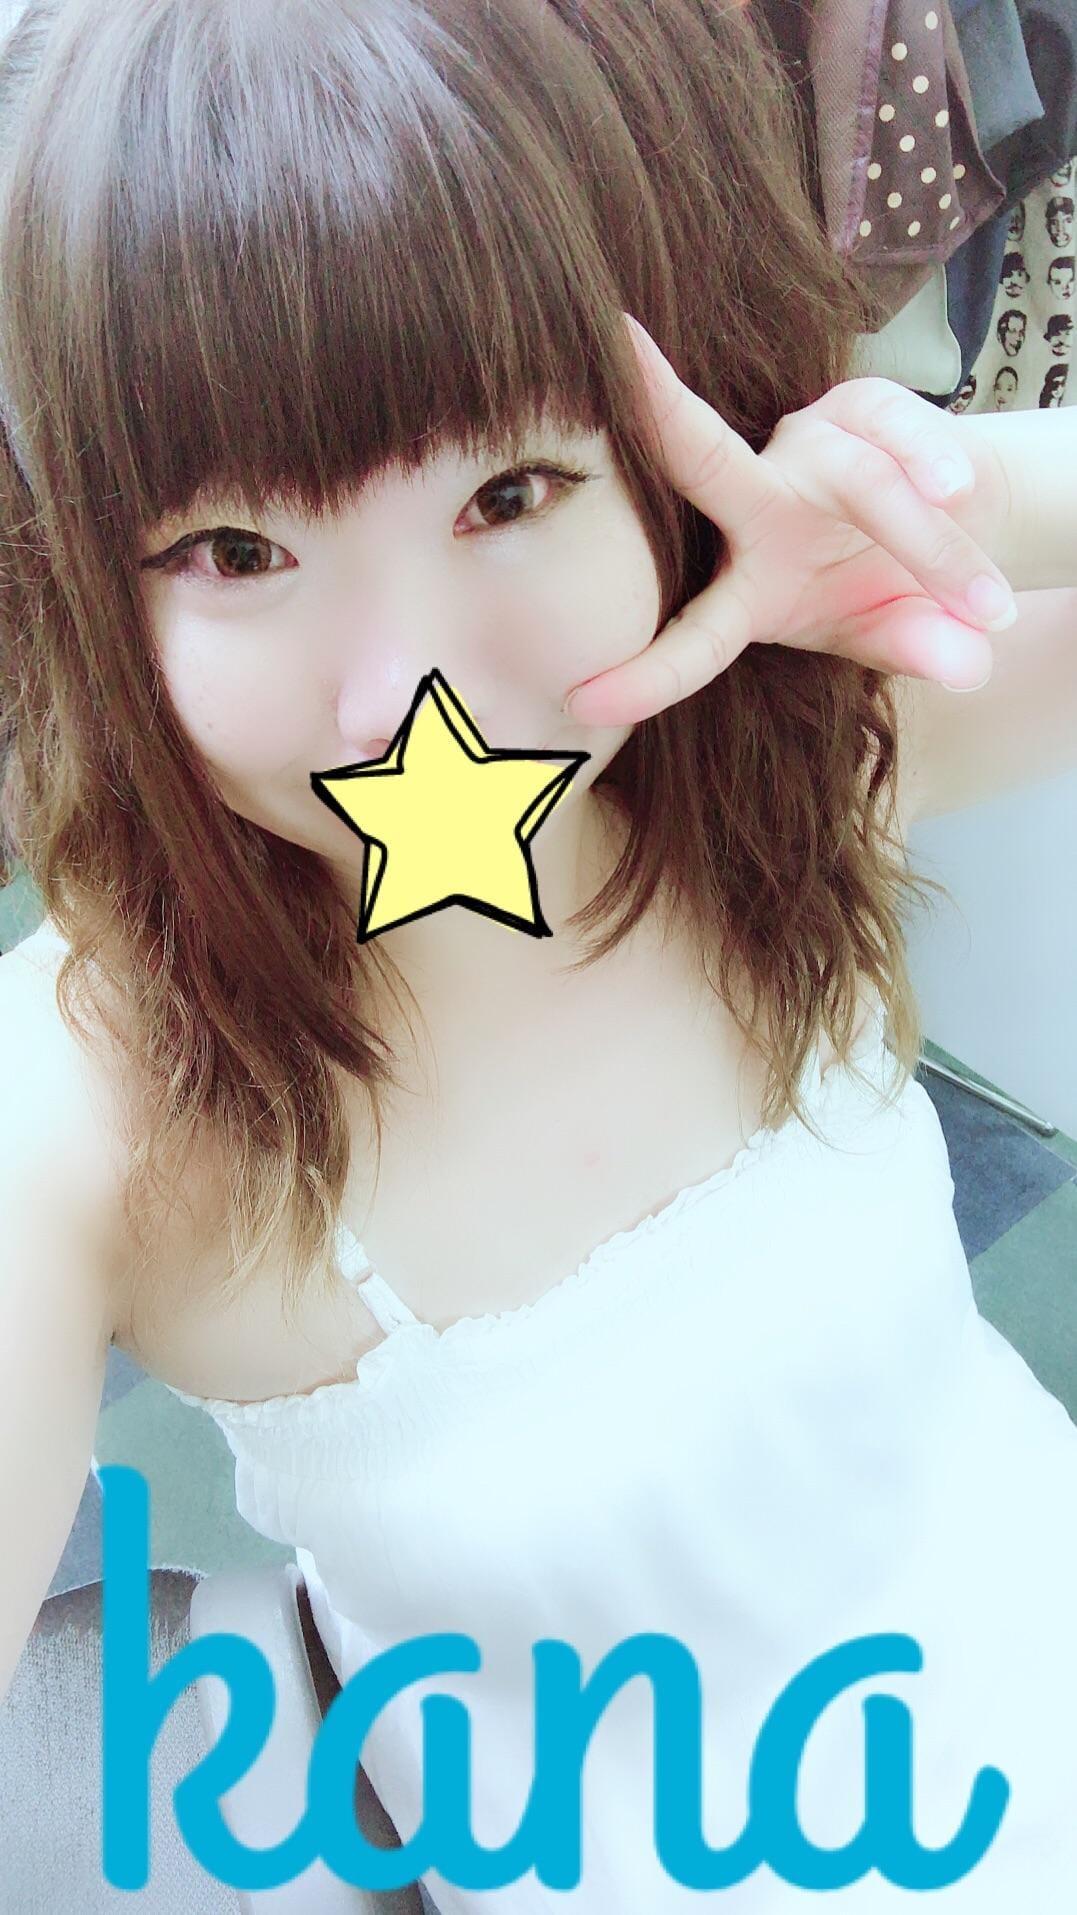 「出勤&お礼」08/11(08/11) 12:54 | かなの写メ・風俗動画